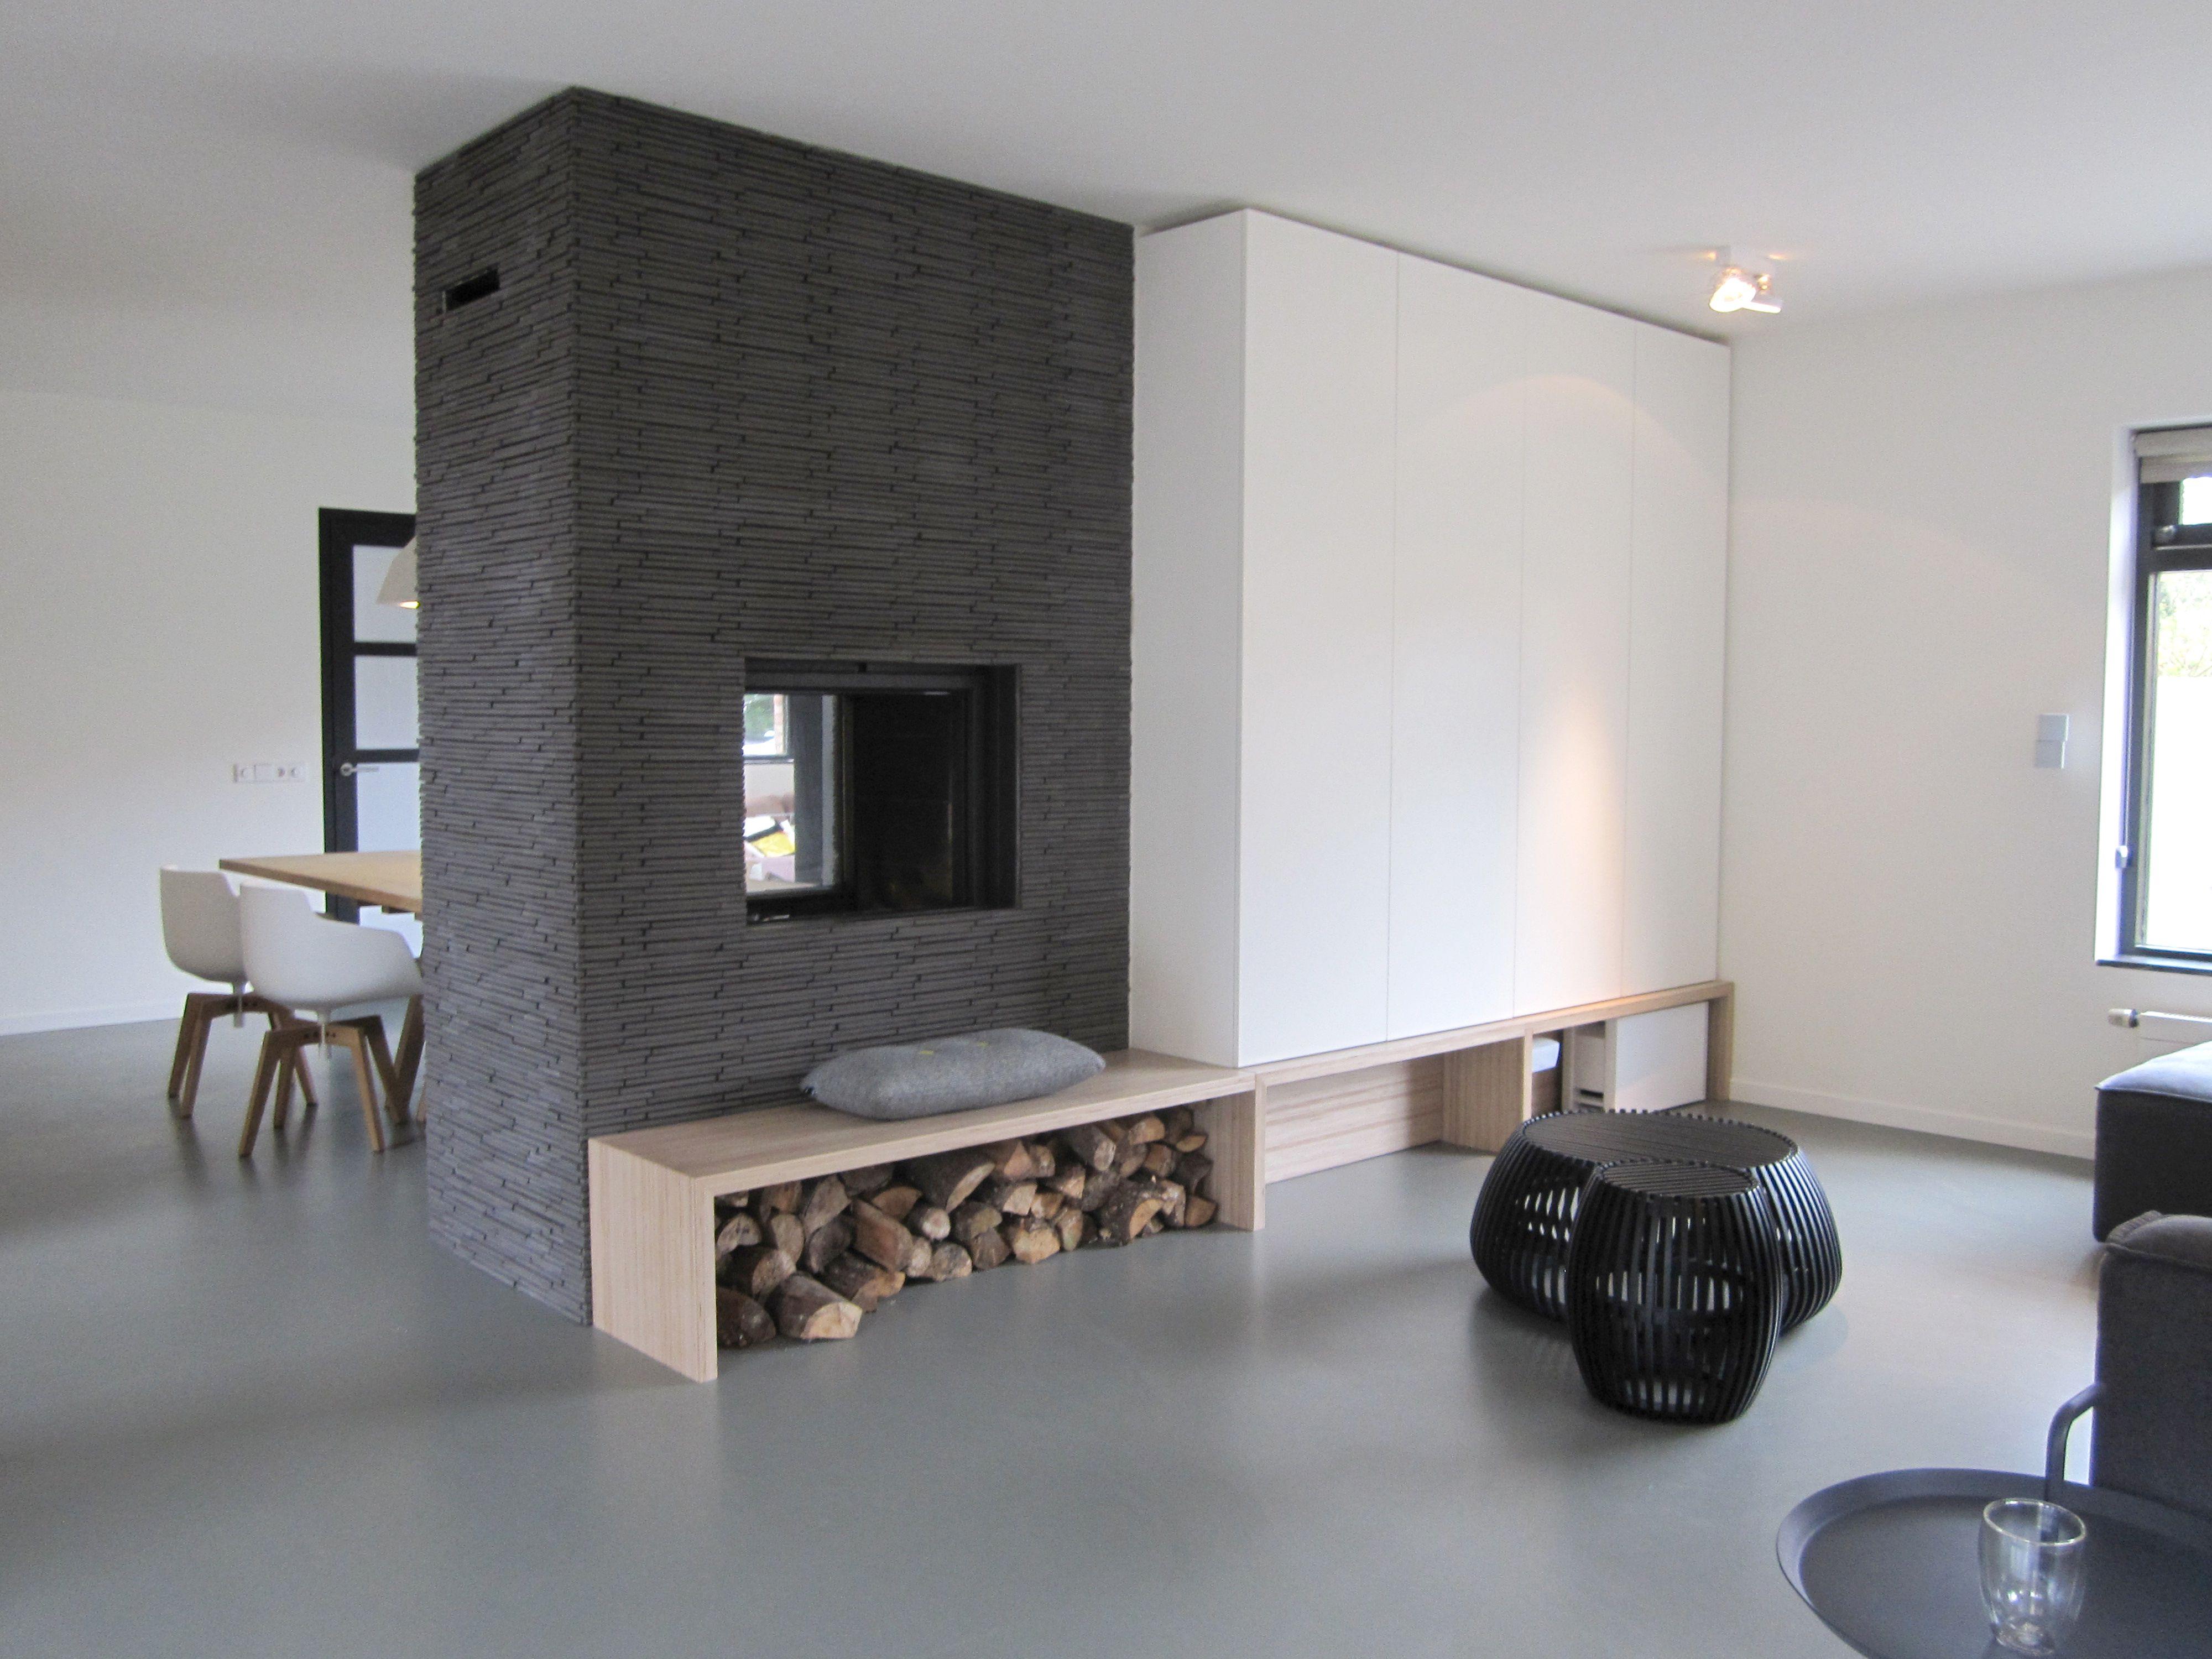 Studio ei ontwerp woning heemstede interieurontwerp en